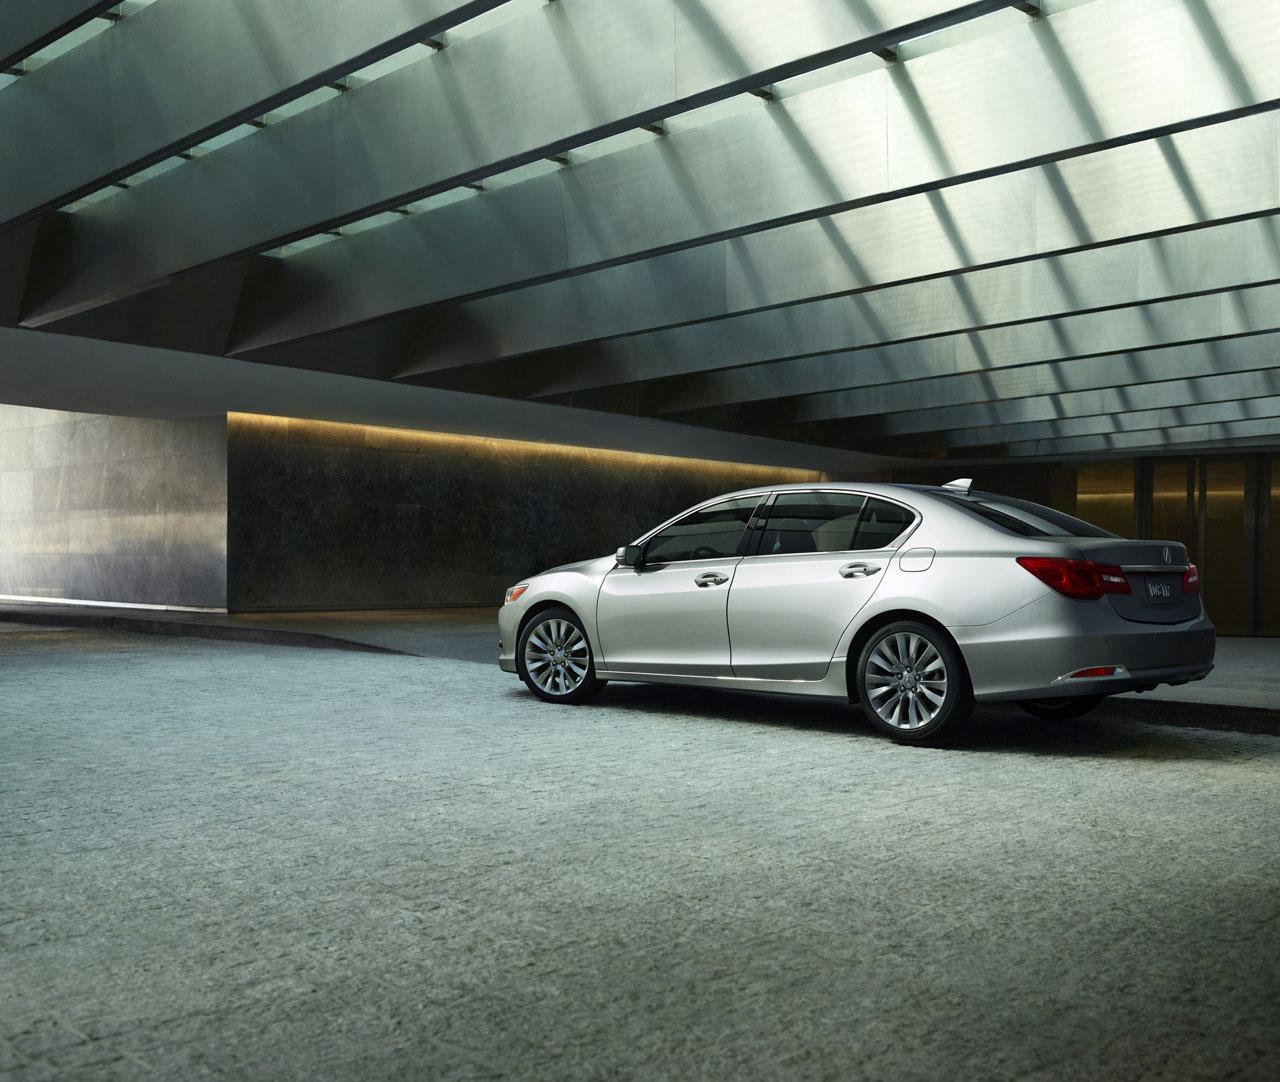 Acura Rlx: Auto Cars Concept